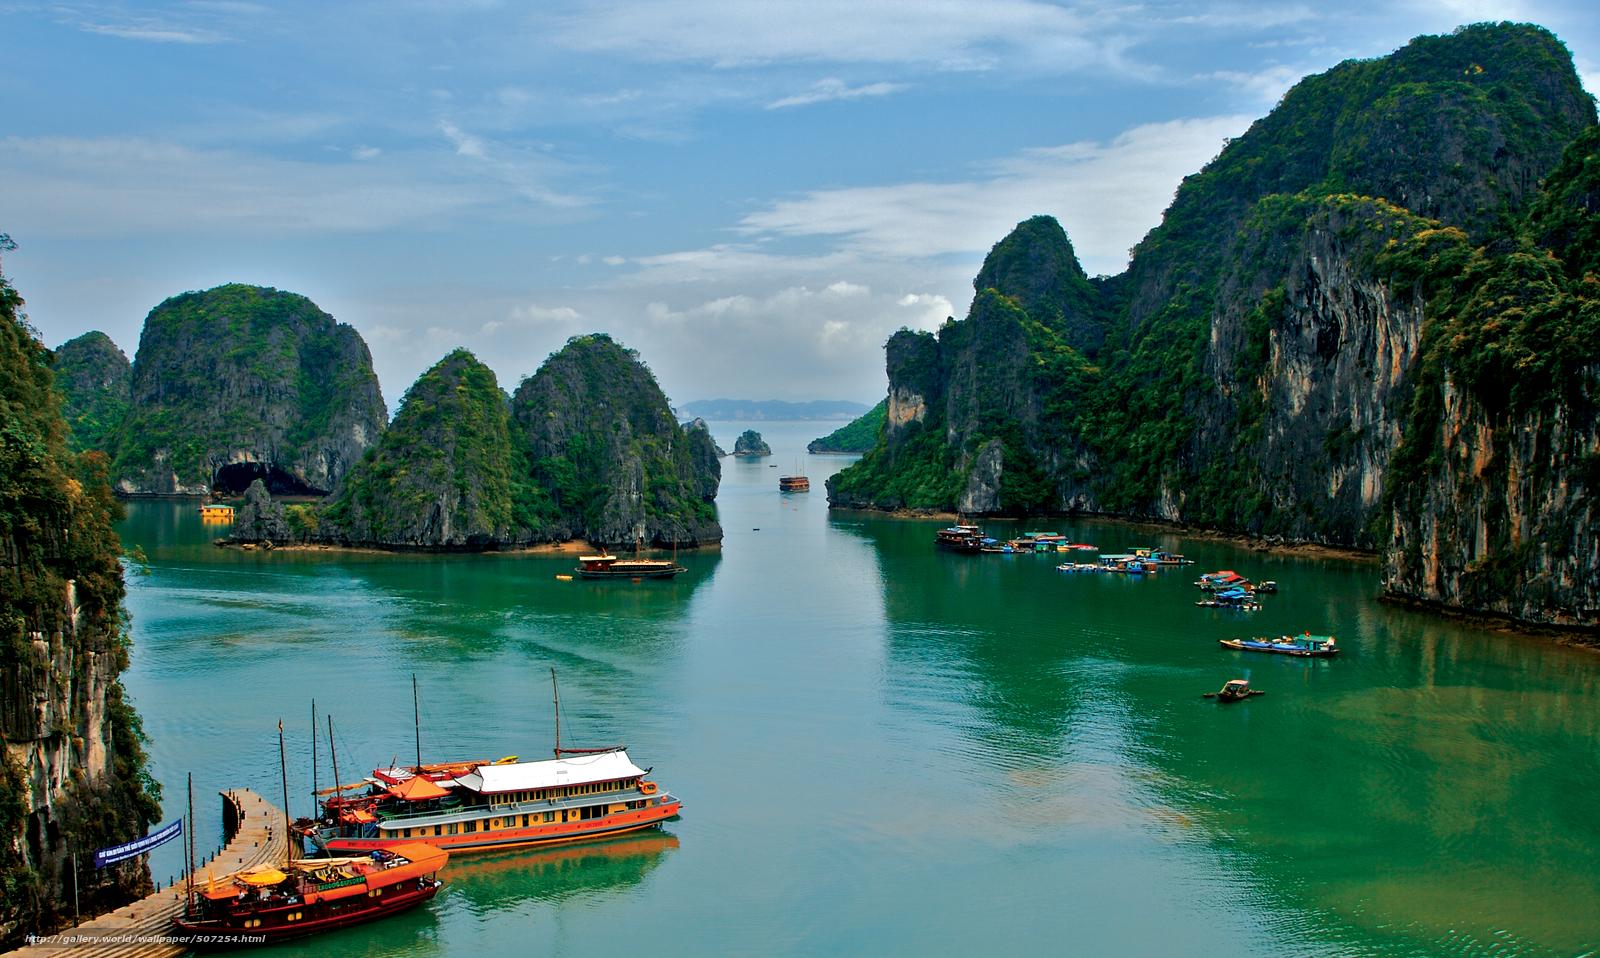 Download wallpaper Vietnam tropics sea desktop wallpaper in the 1600x958